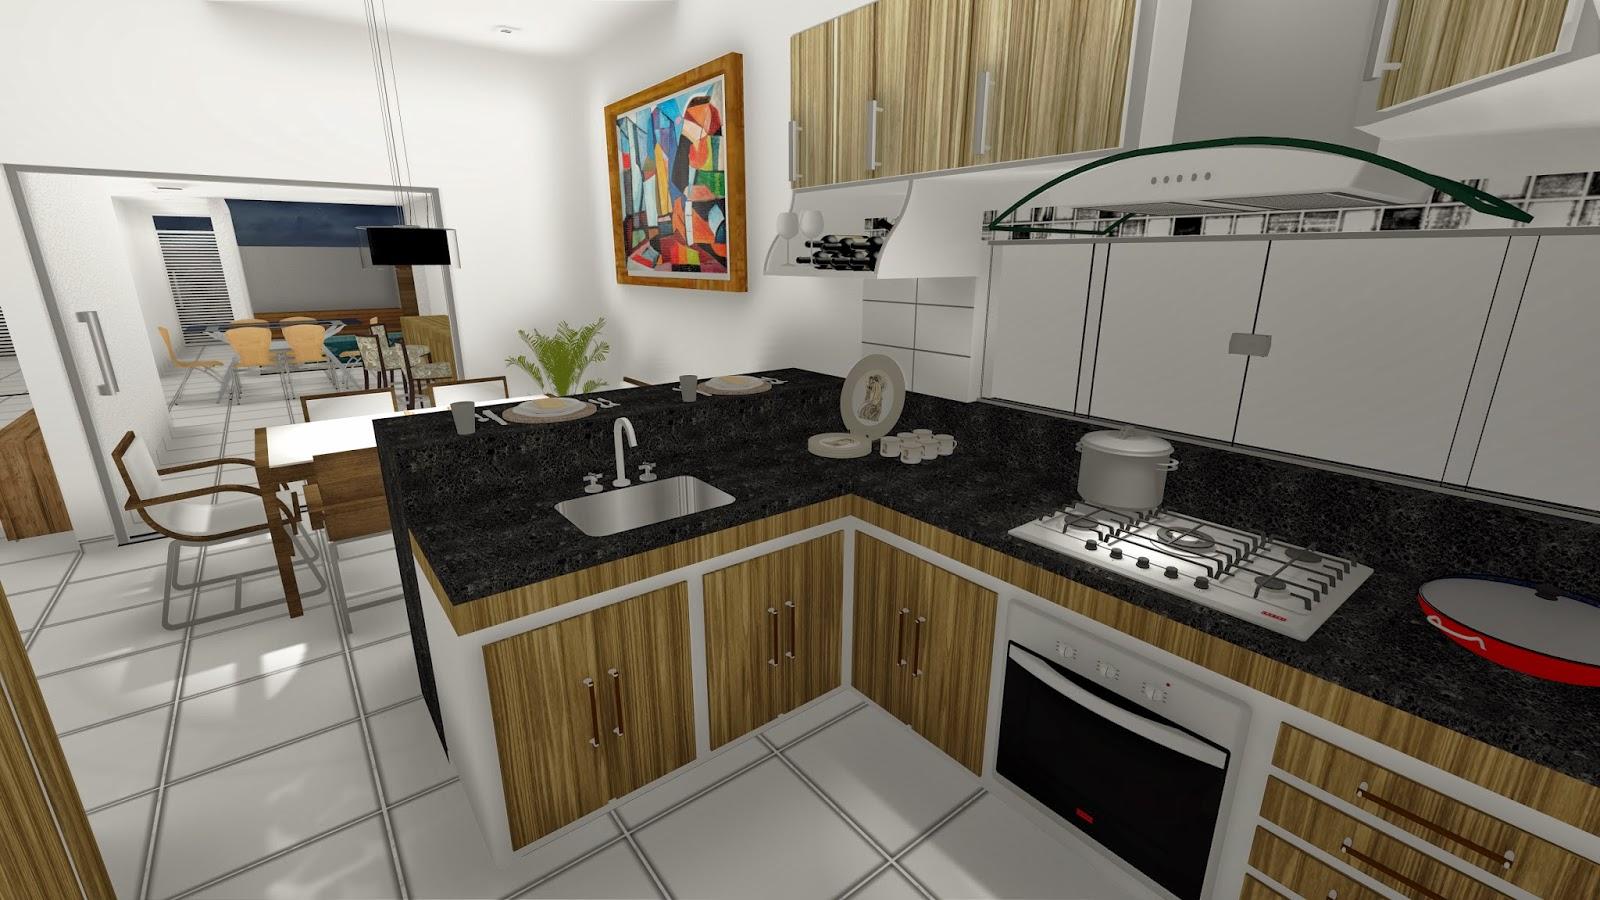 Meu Doce Amado Cantinho: Planejando a Cozinha   Comprinhas #9C5B2F 1600 900